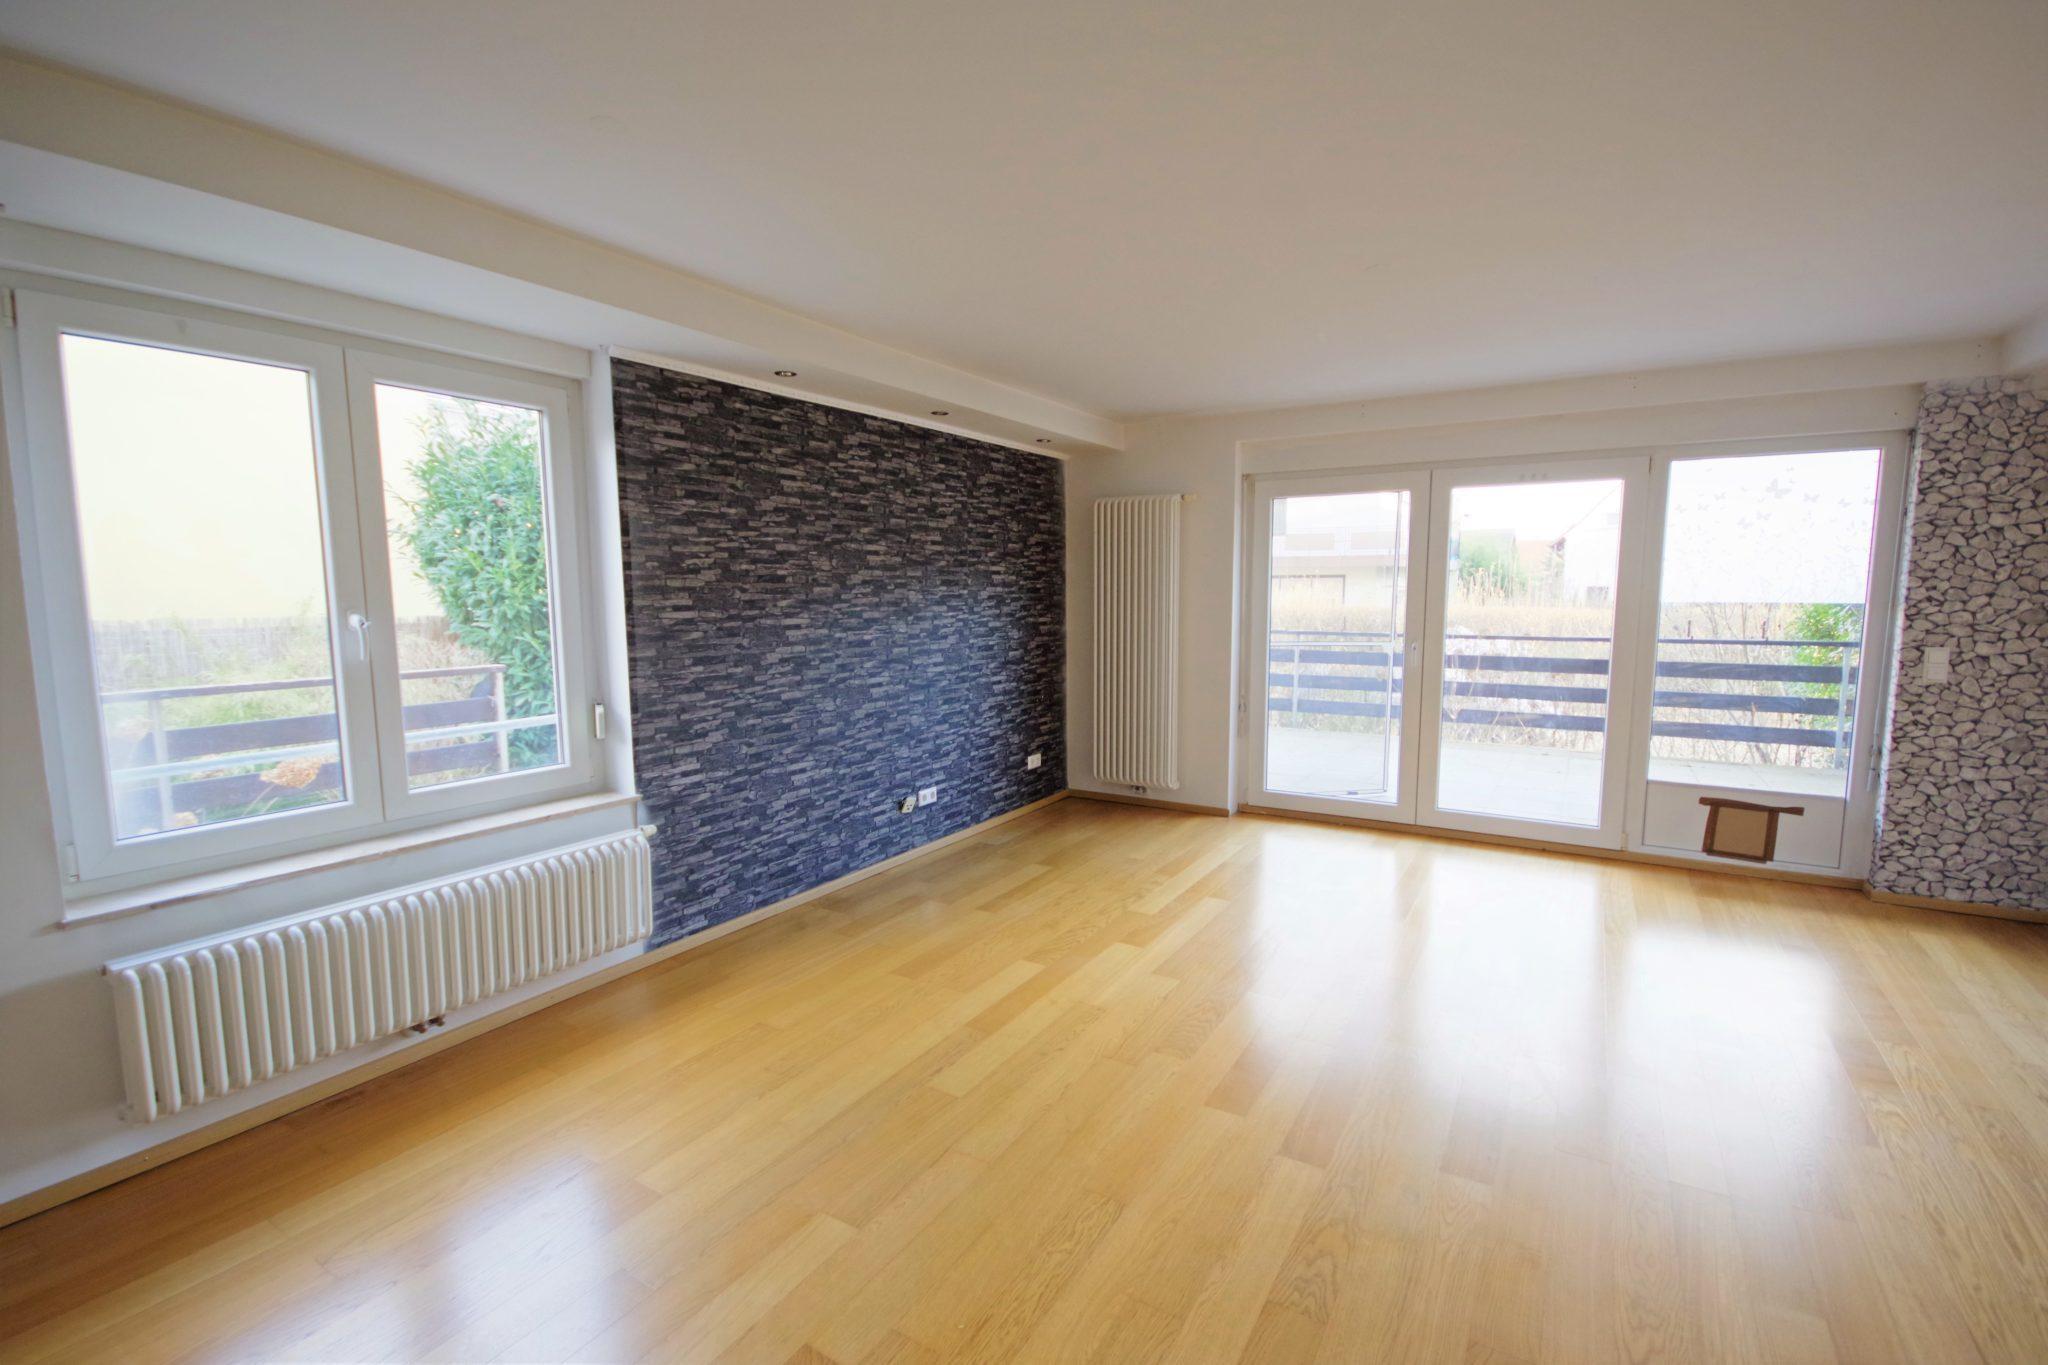 Angenehme Wohnung Kehl Sundheim - K110 -Wohn-Esszimmer